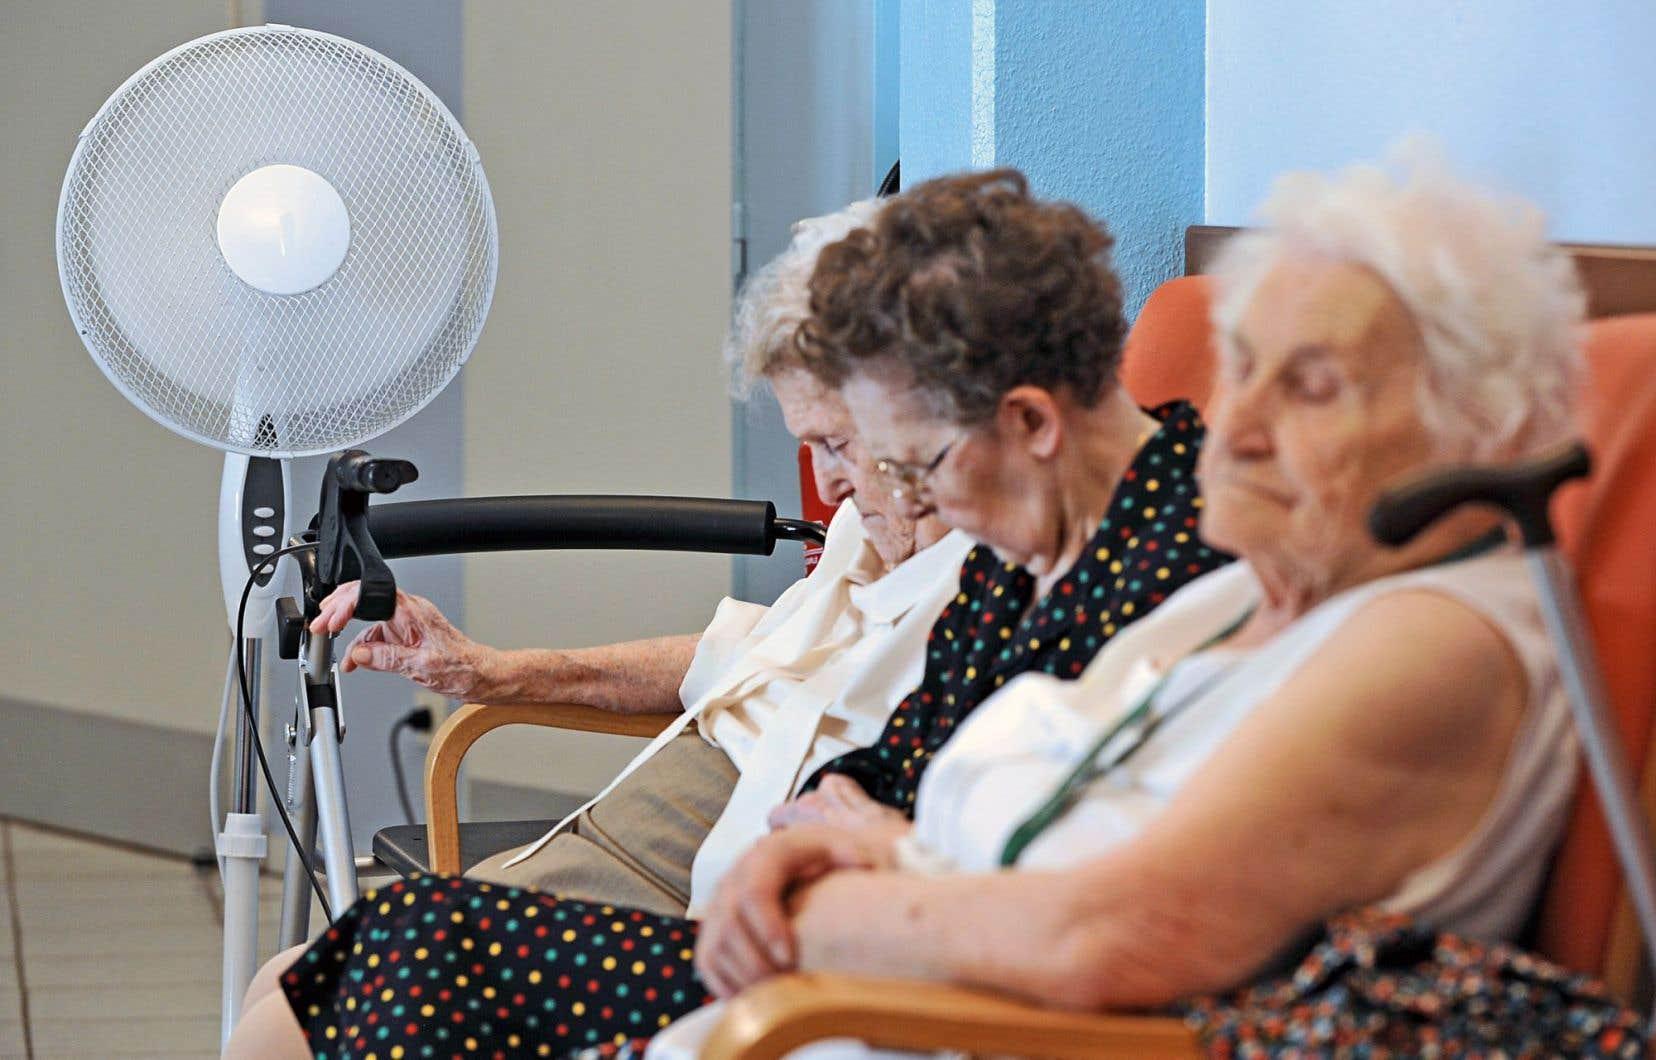 Les vagues de chaleur peuvent avoir de graves conséquences pour les personnes âgées.